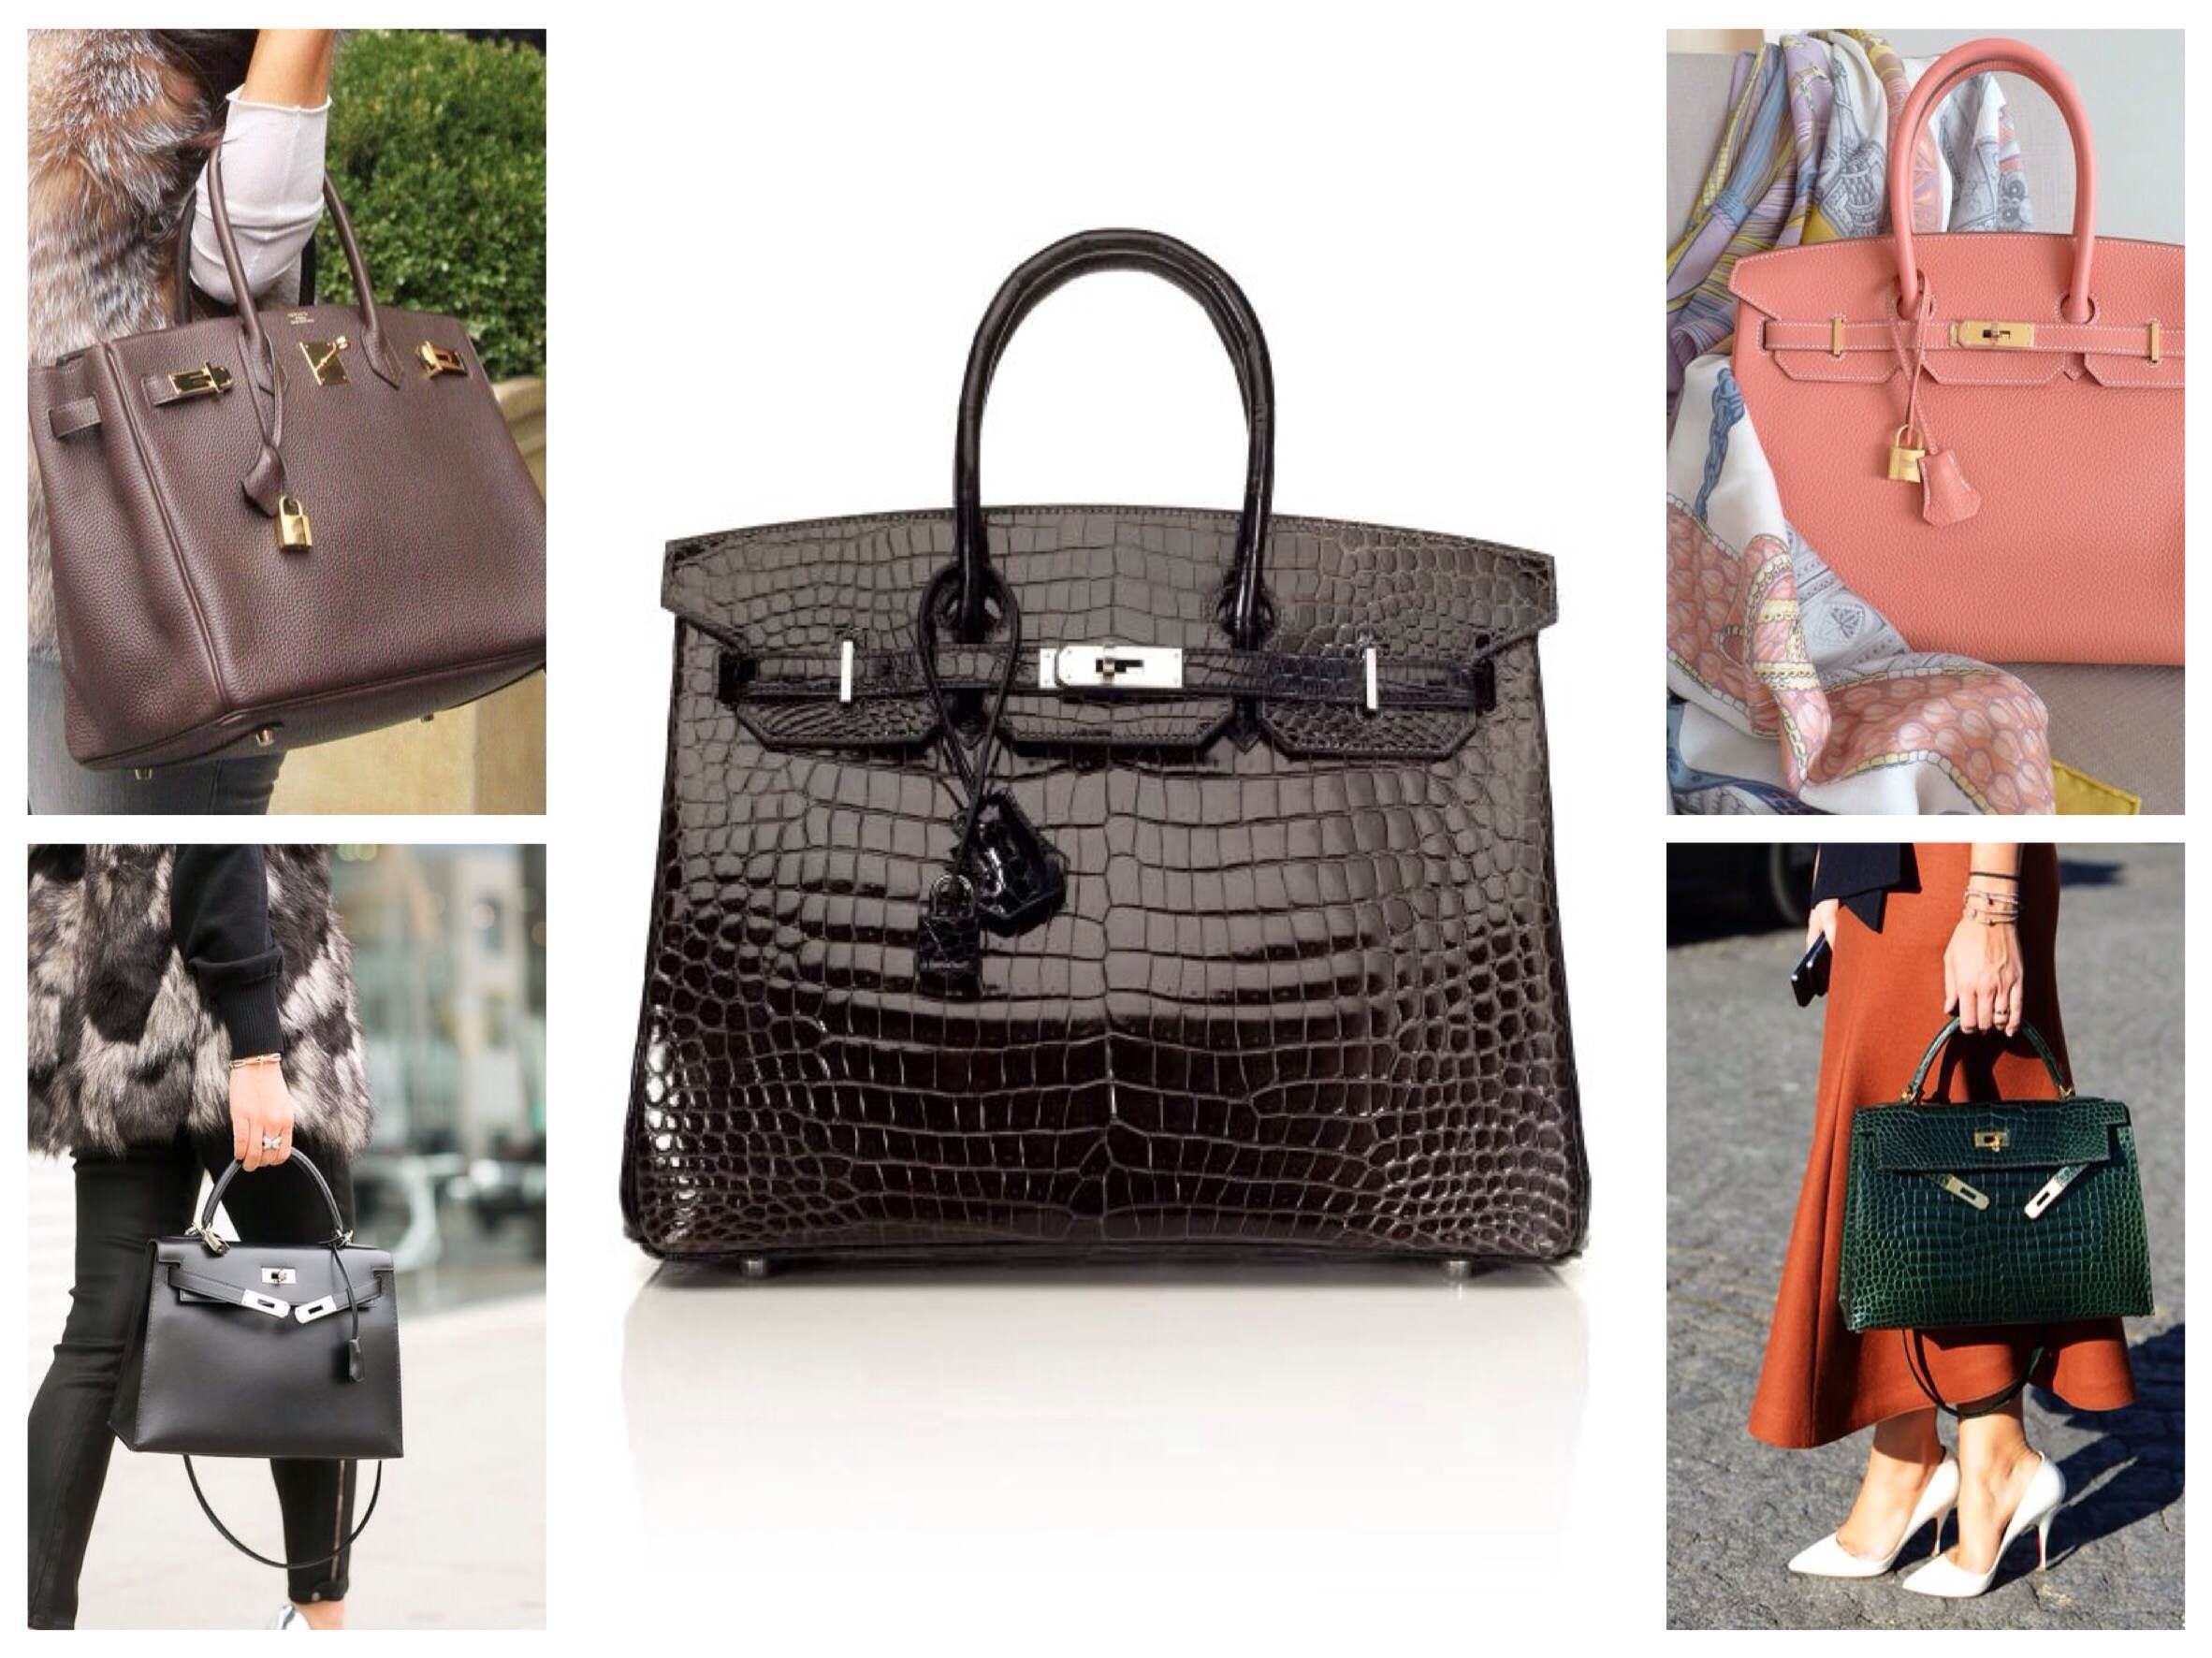 ade9f483091d Виды женских сумок и как их носить: фото, рекомендации